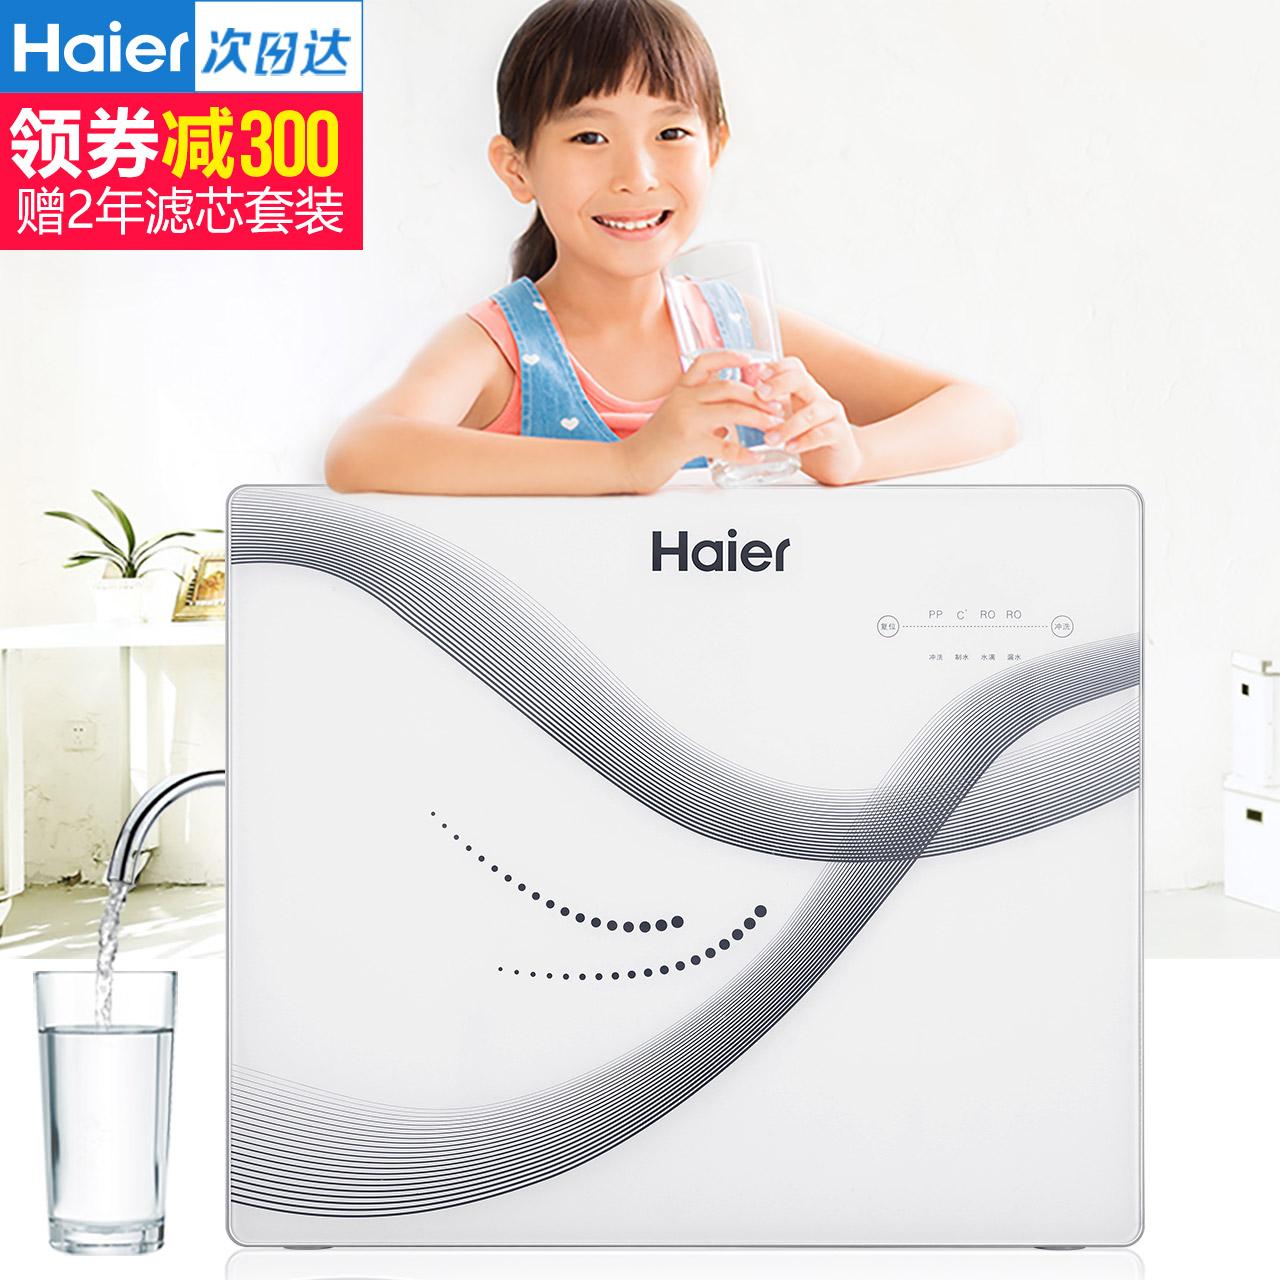 海尔纯水机ro反渗透无桶过滤器家用厨房自来水直饮净水器无罐400G